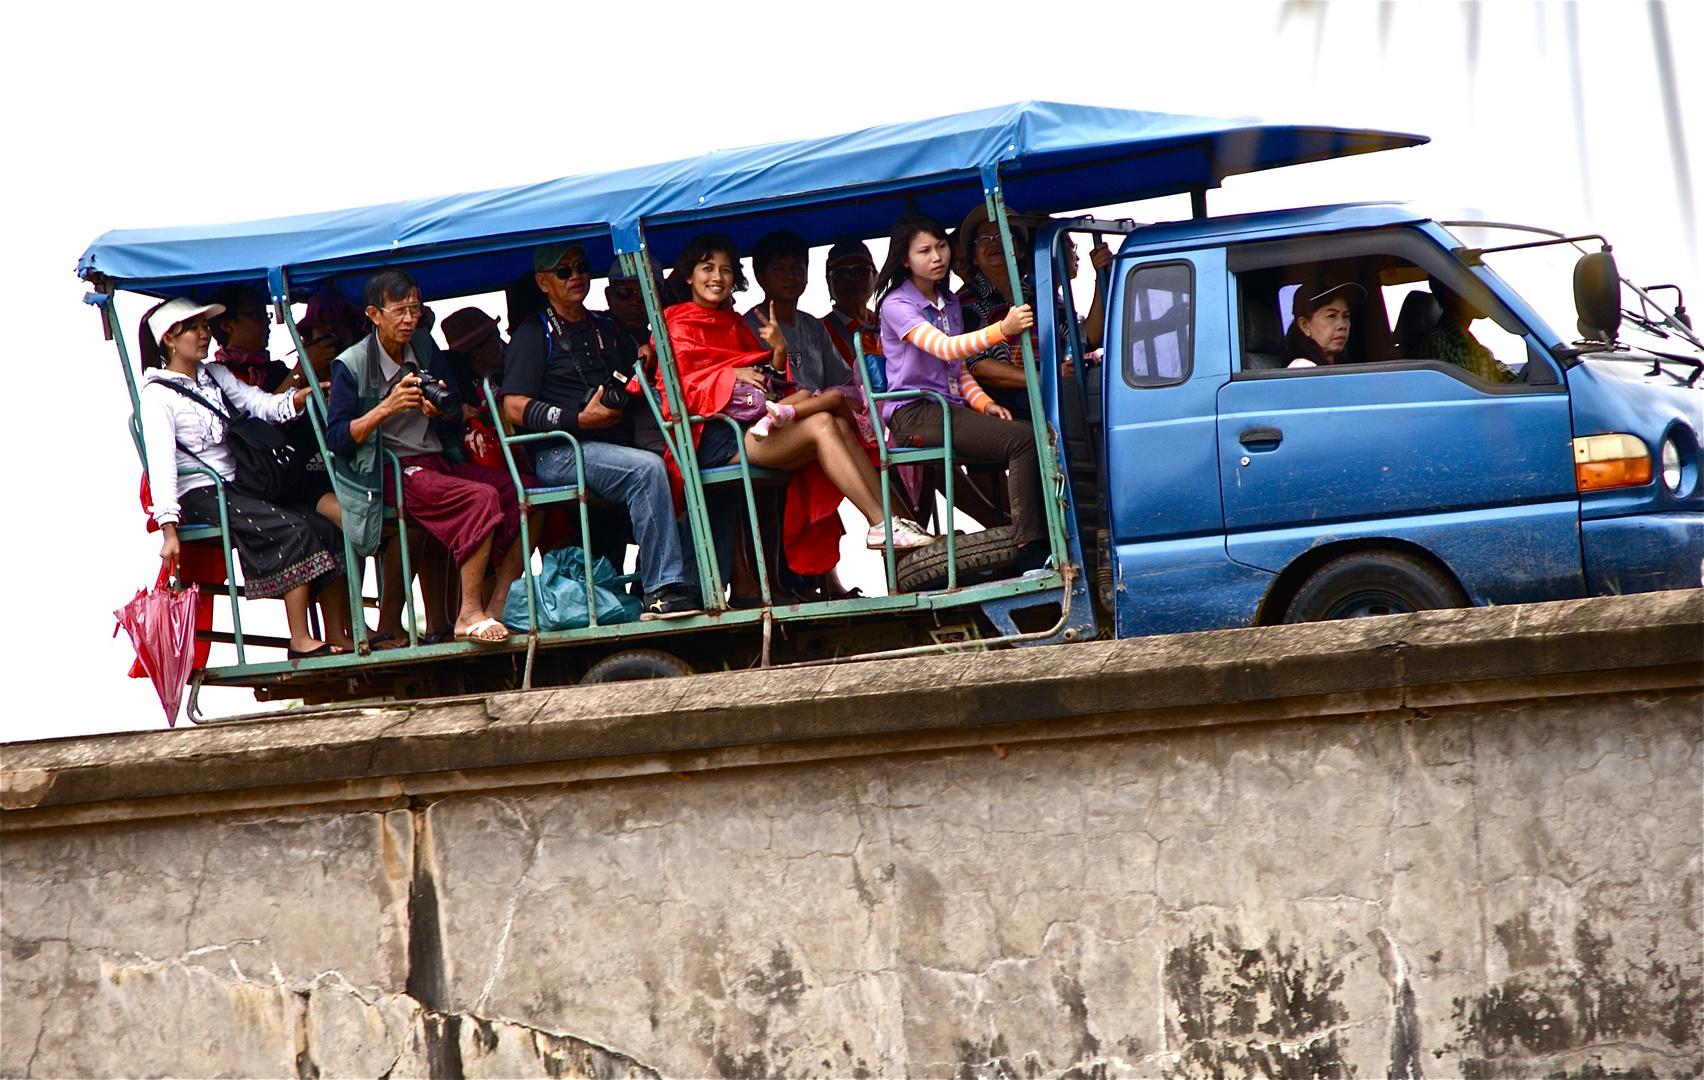 thailändische wochenendtouristen, südlaos 2010